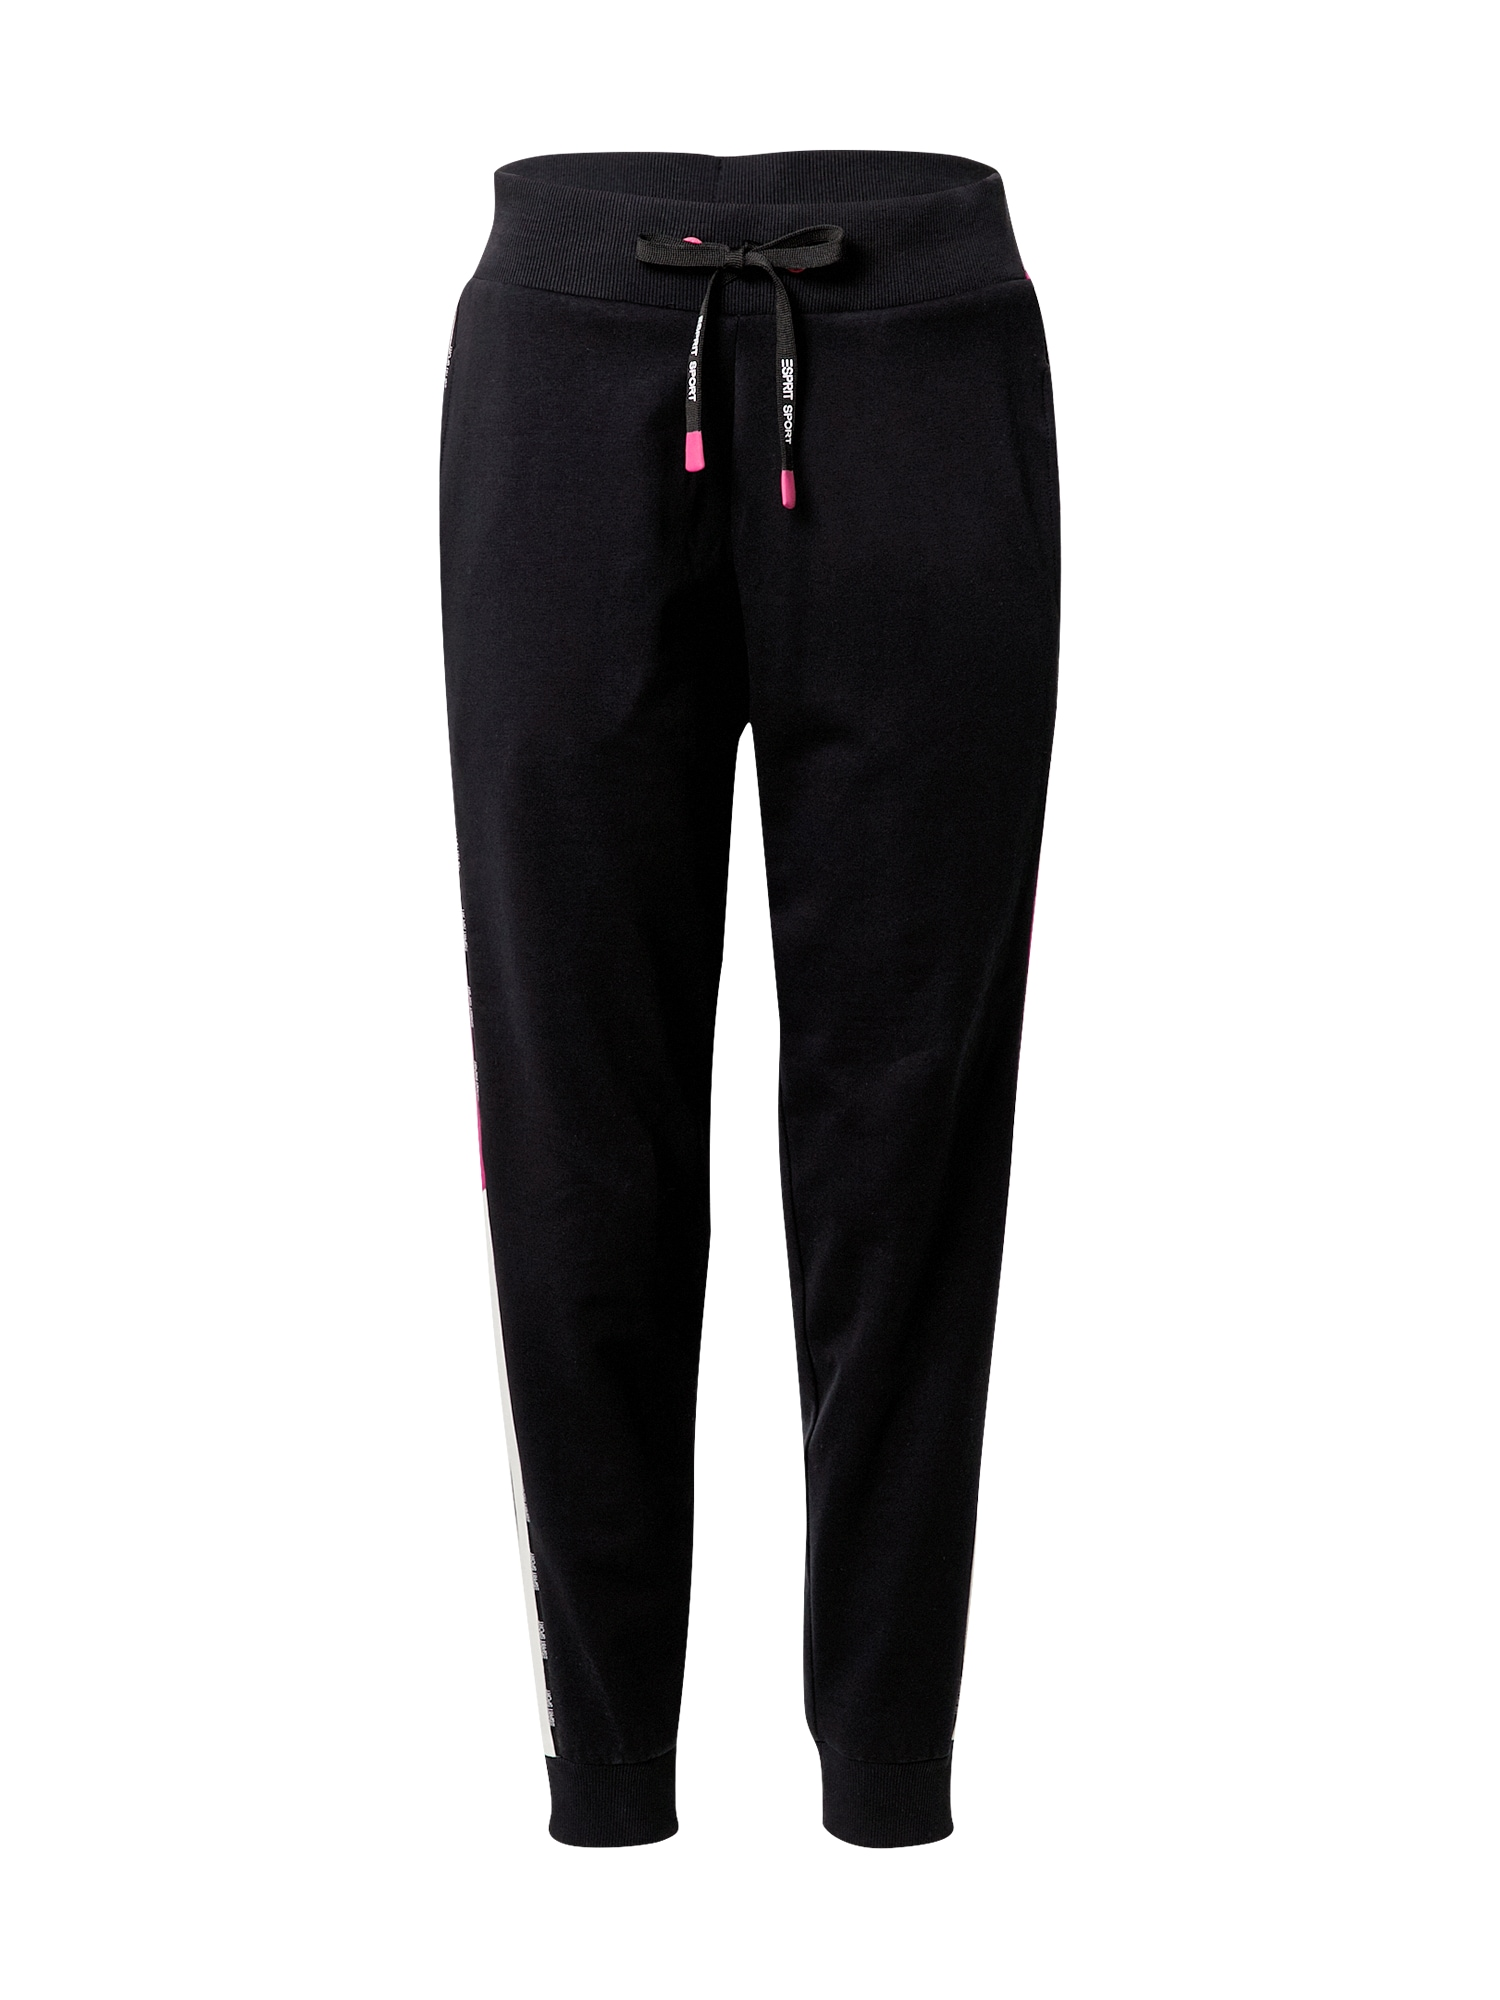 ESPRIT SPORT Sportinės kelnės juoda / ciklameno spalva / balta